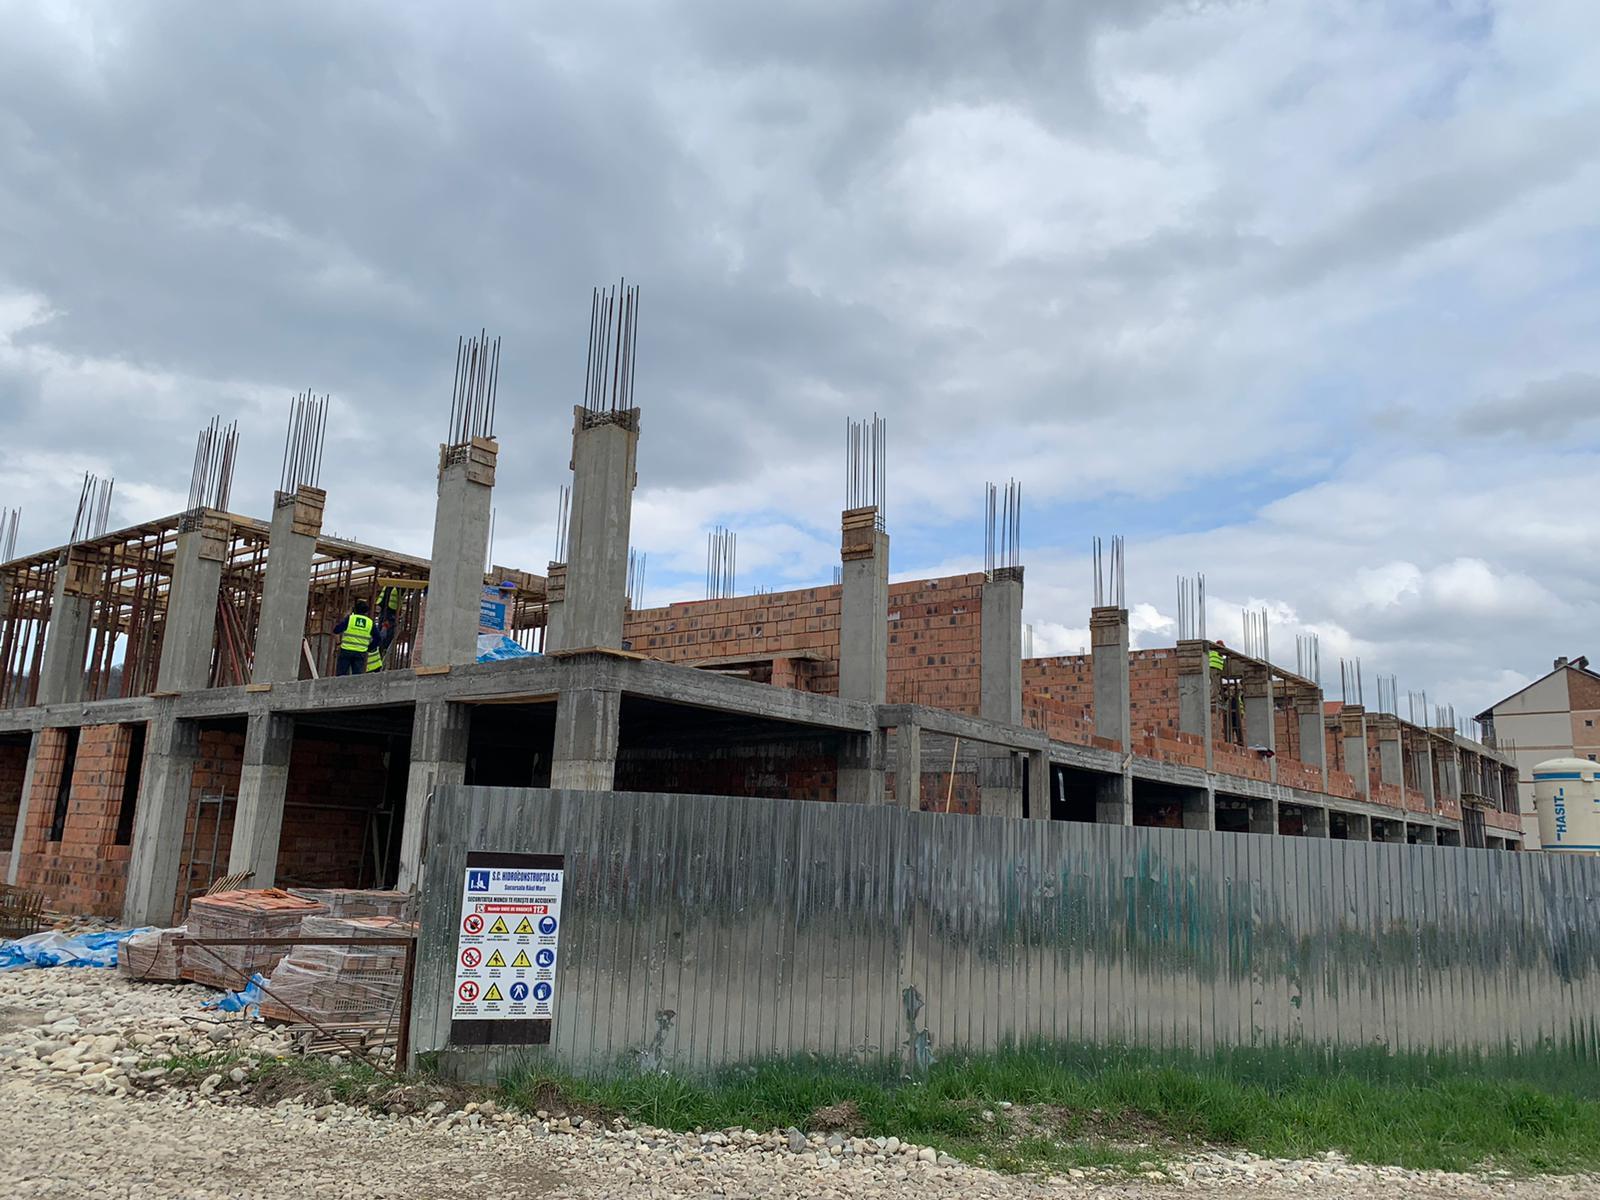 Investiţii în educaţie la Haţeg. Şcoala construită de la zero, cu bani europeni, prinde tot mai mult contur -FOTO